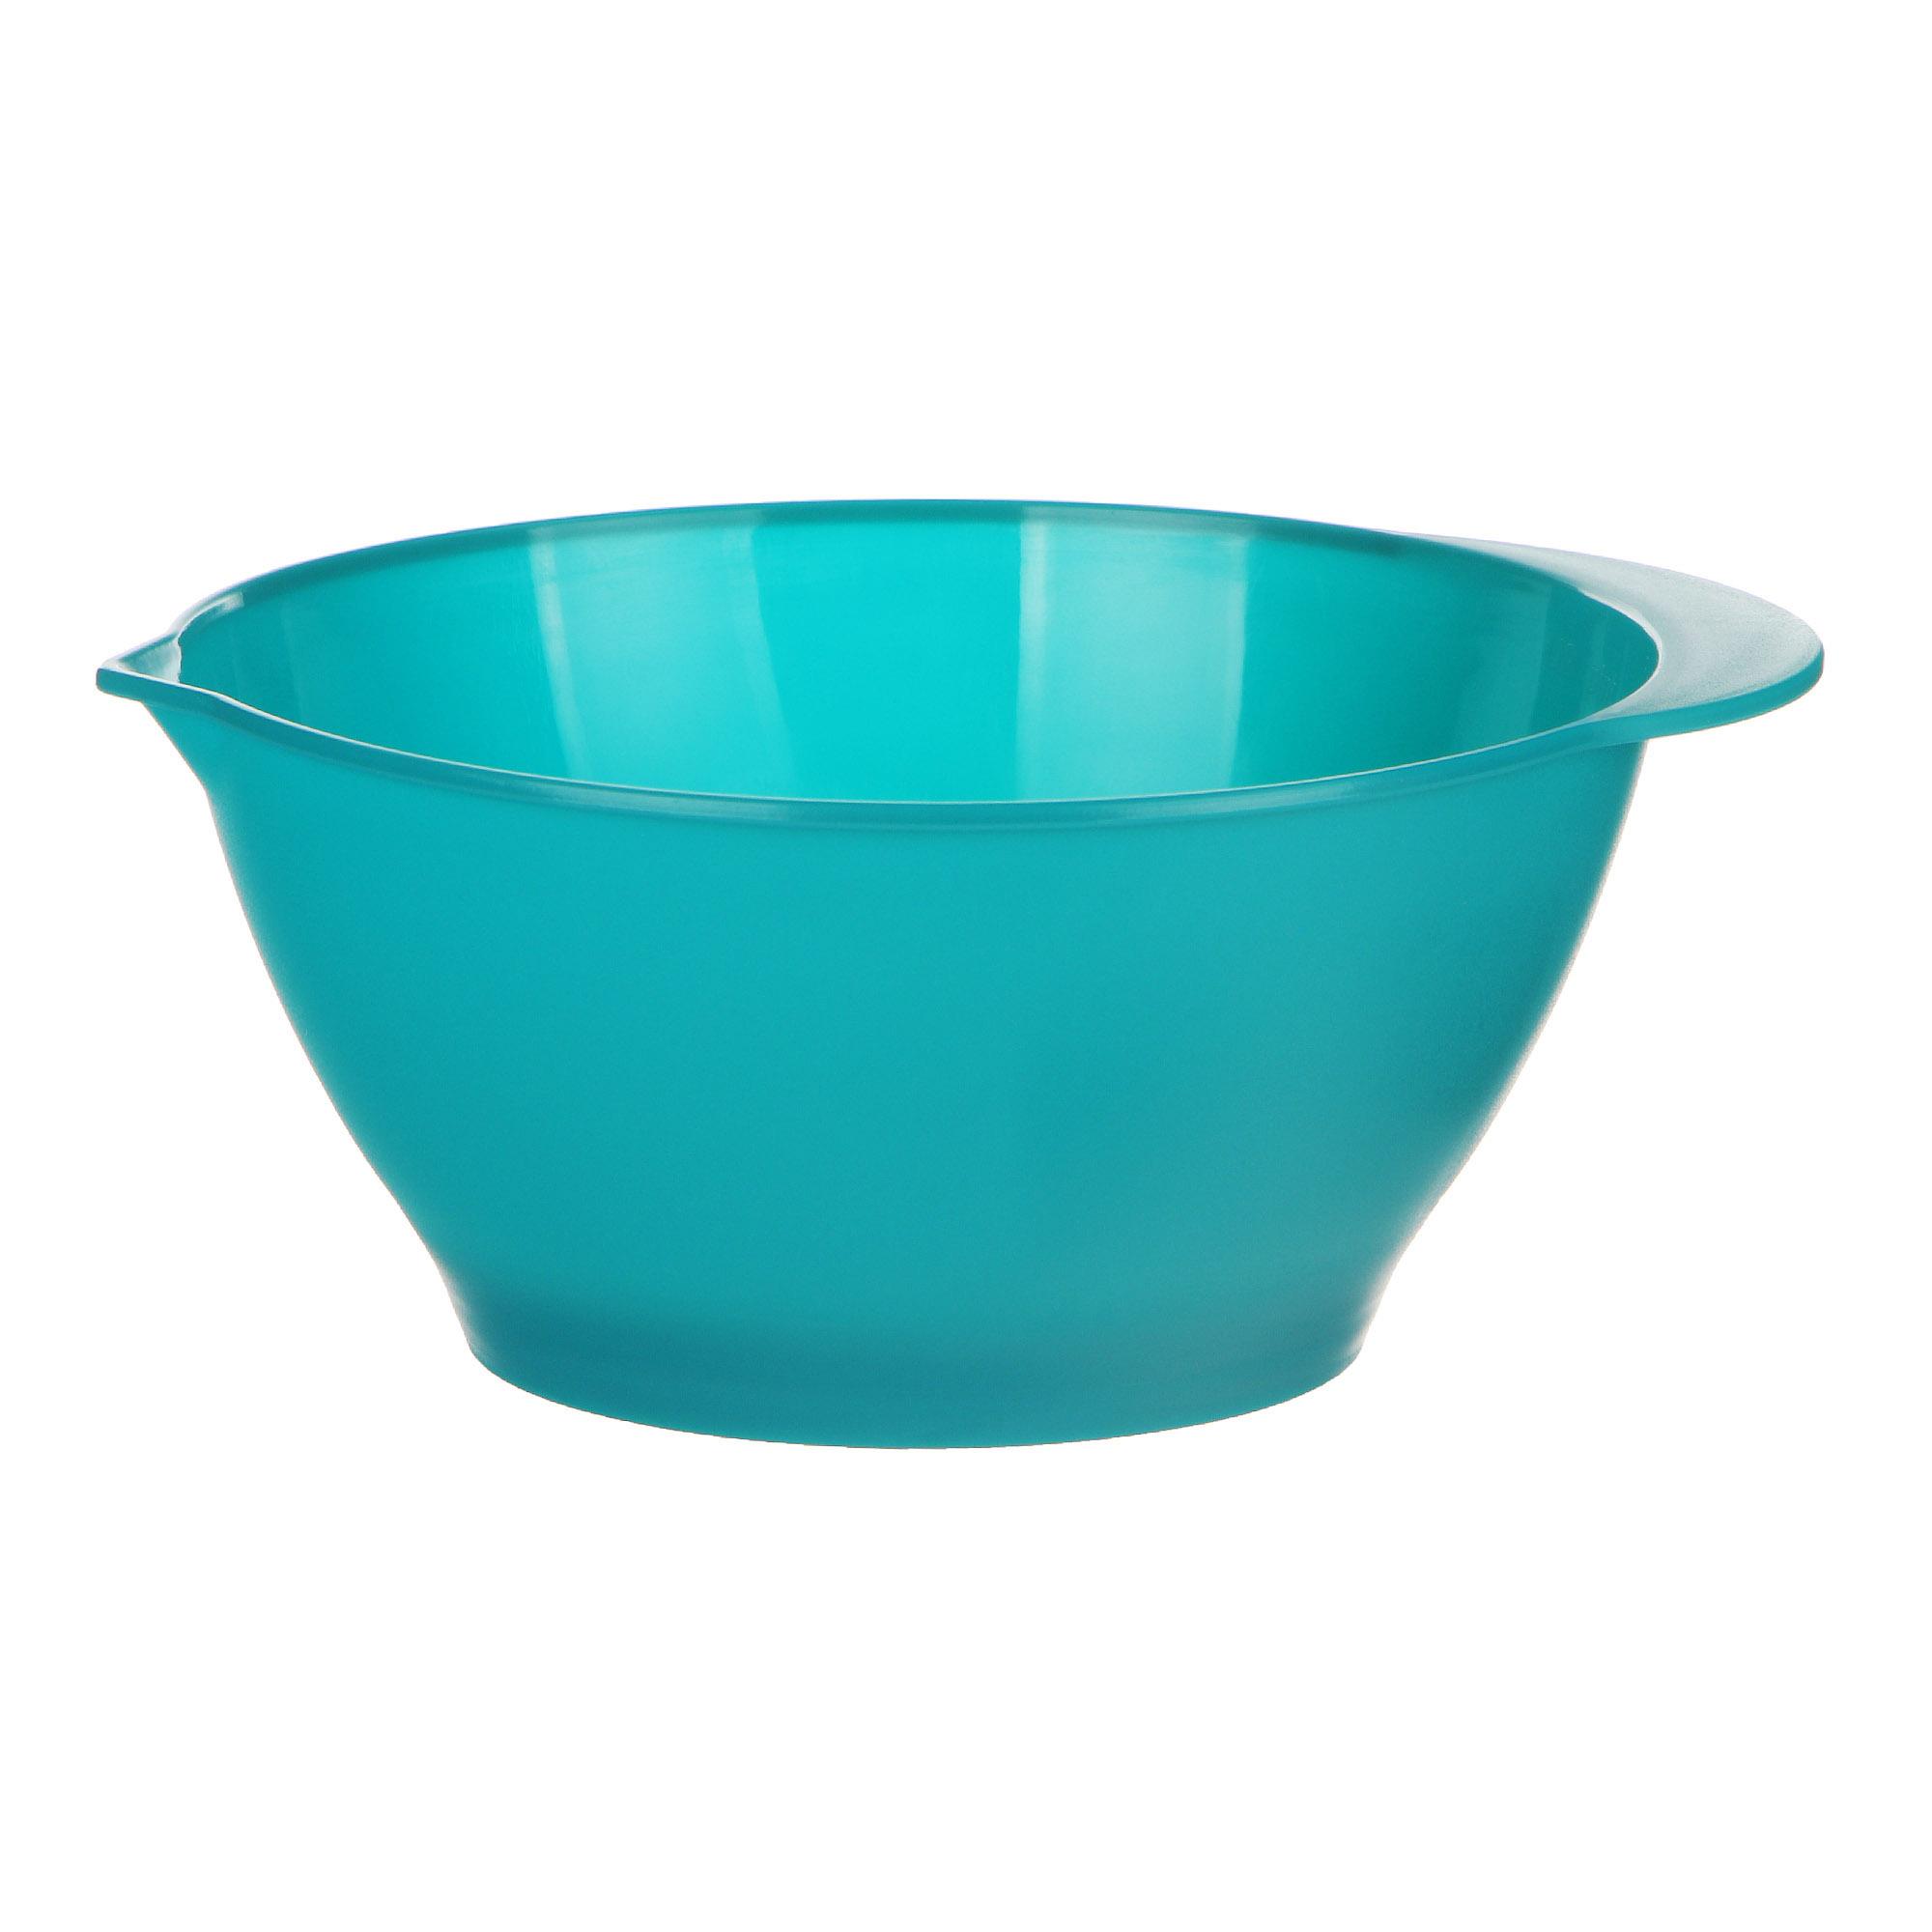 Набор мисок Koopman tableware 3 шт набор форм для выпечки koopman tableware 3 шт